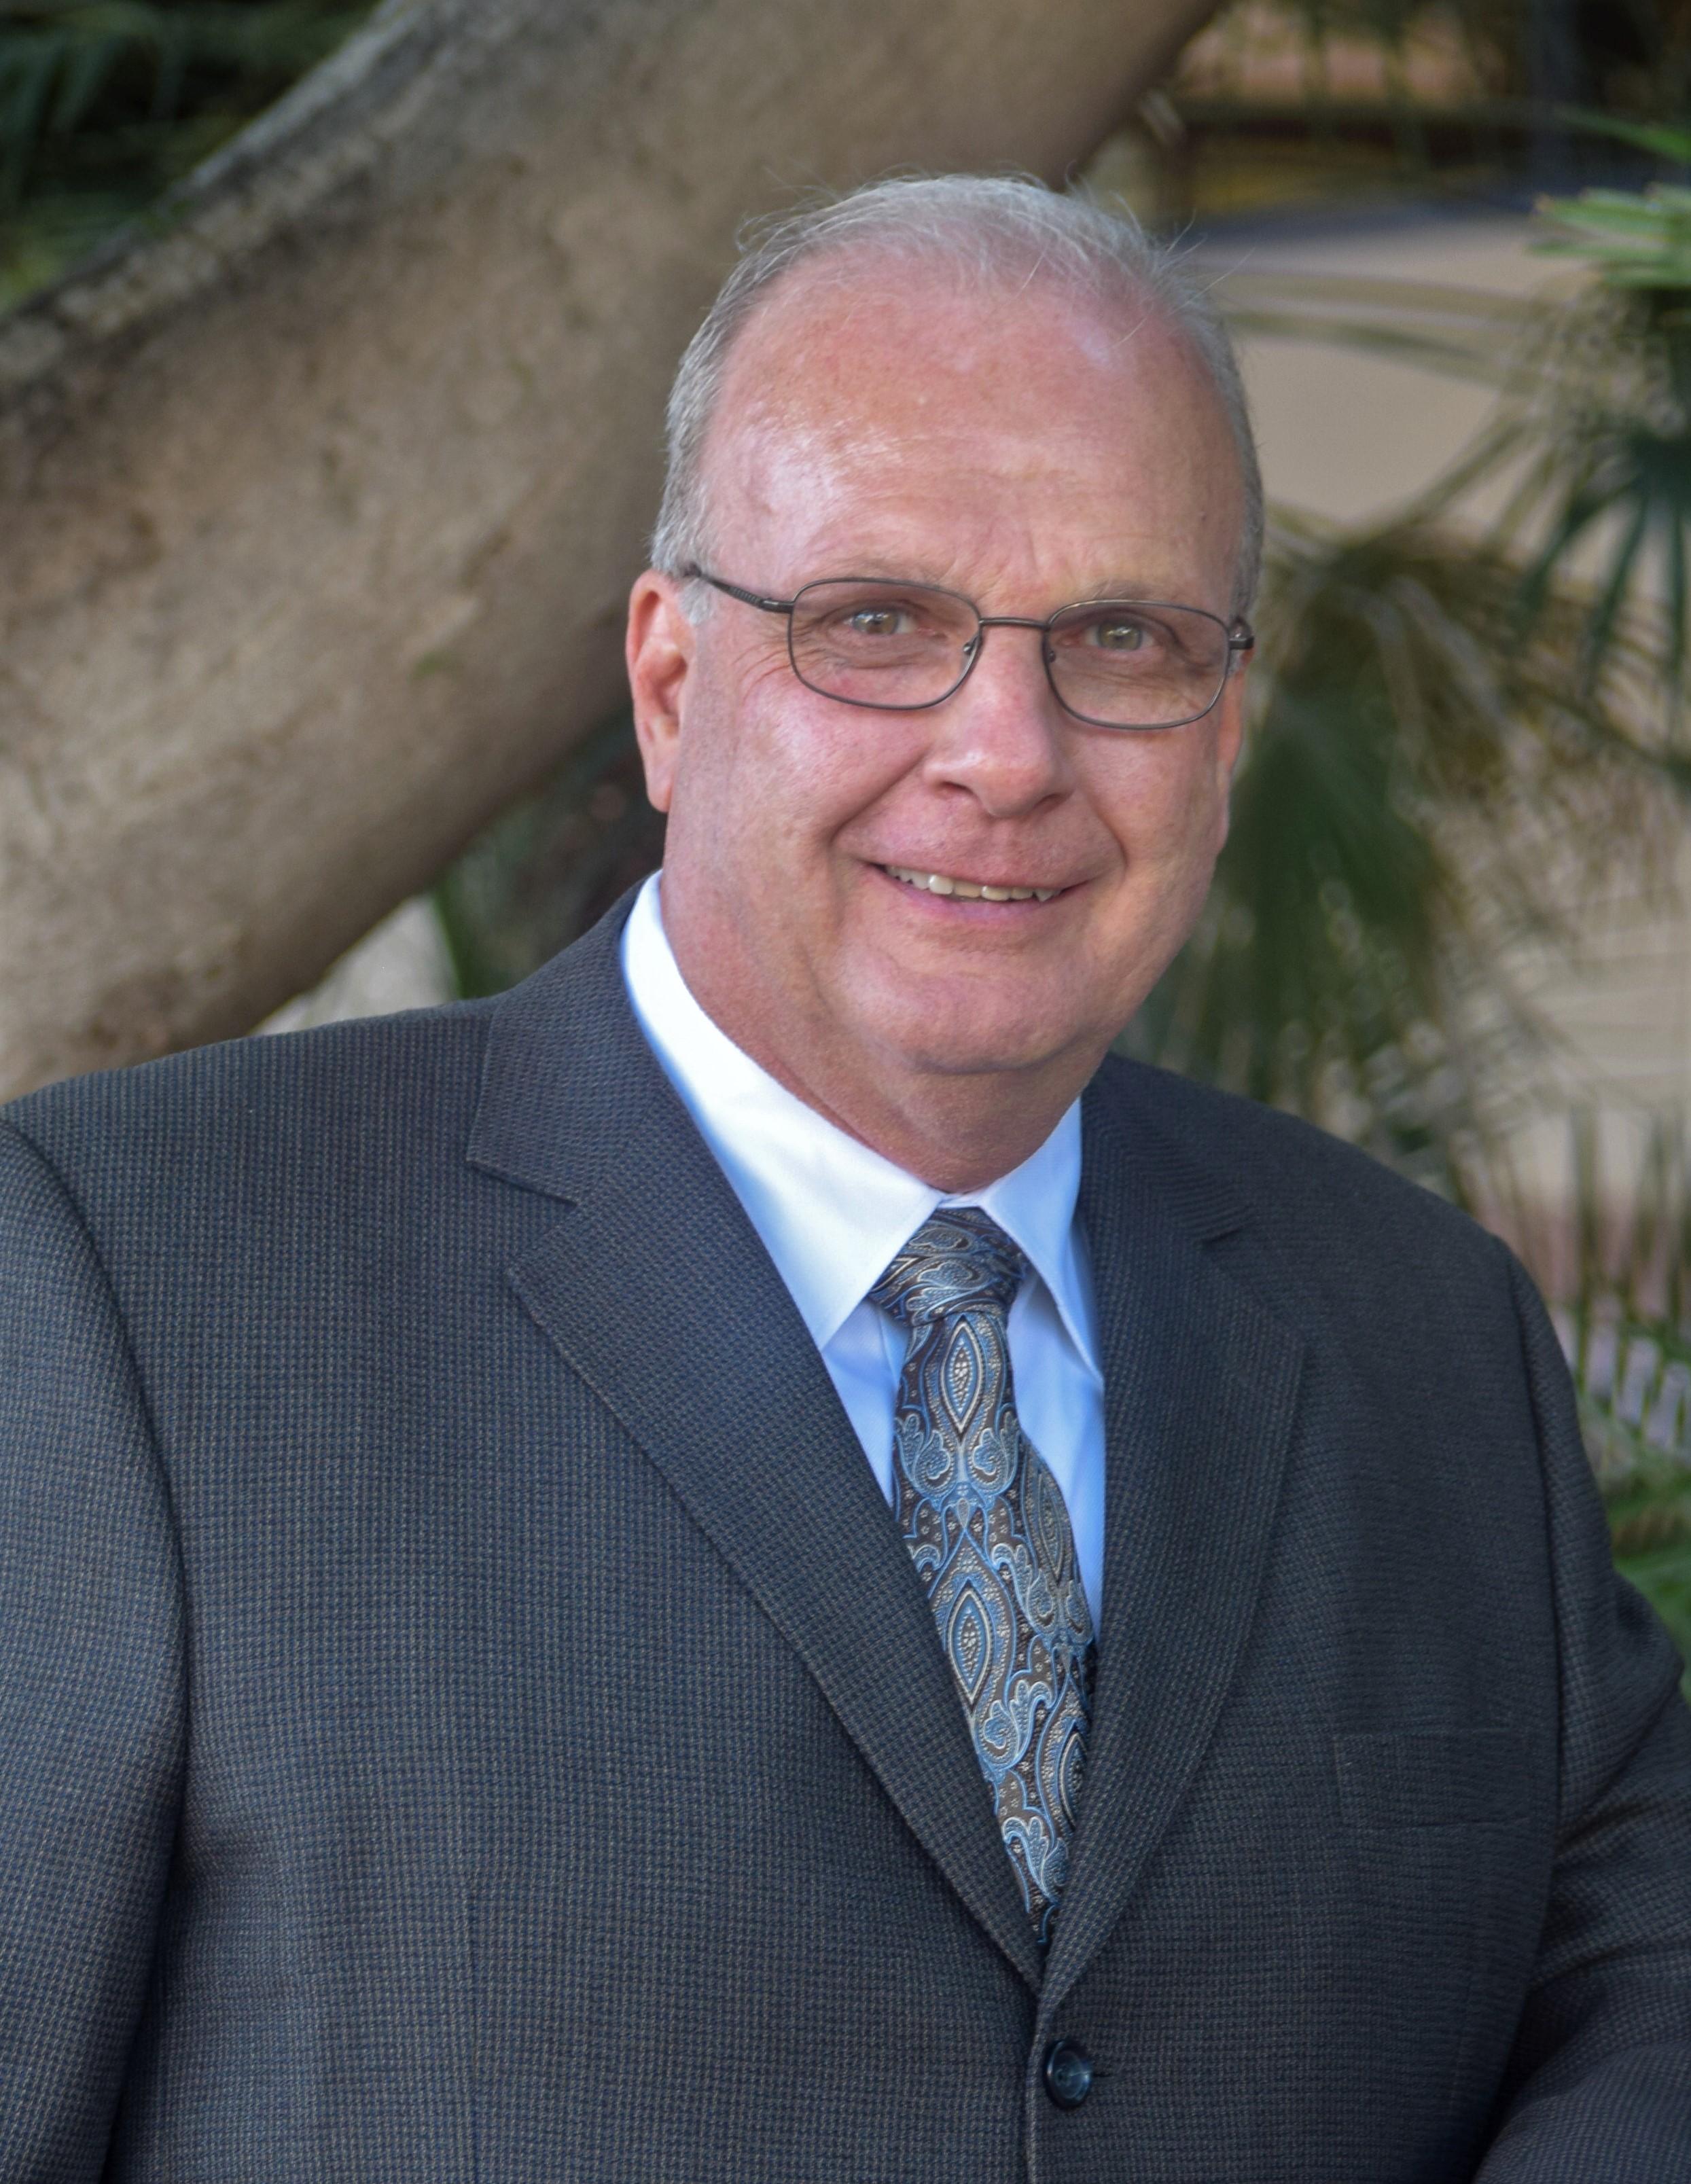 Mr. Dan Droeg